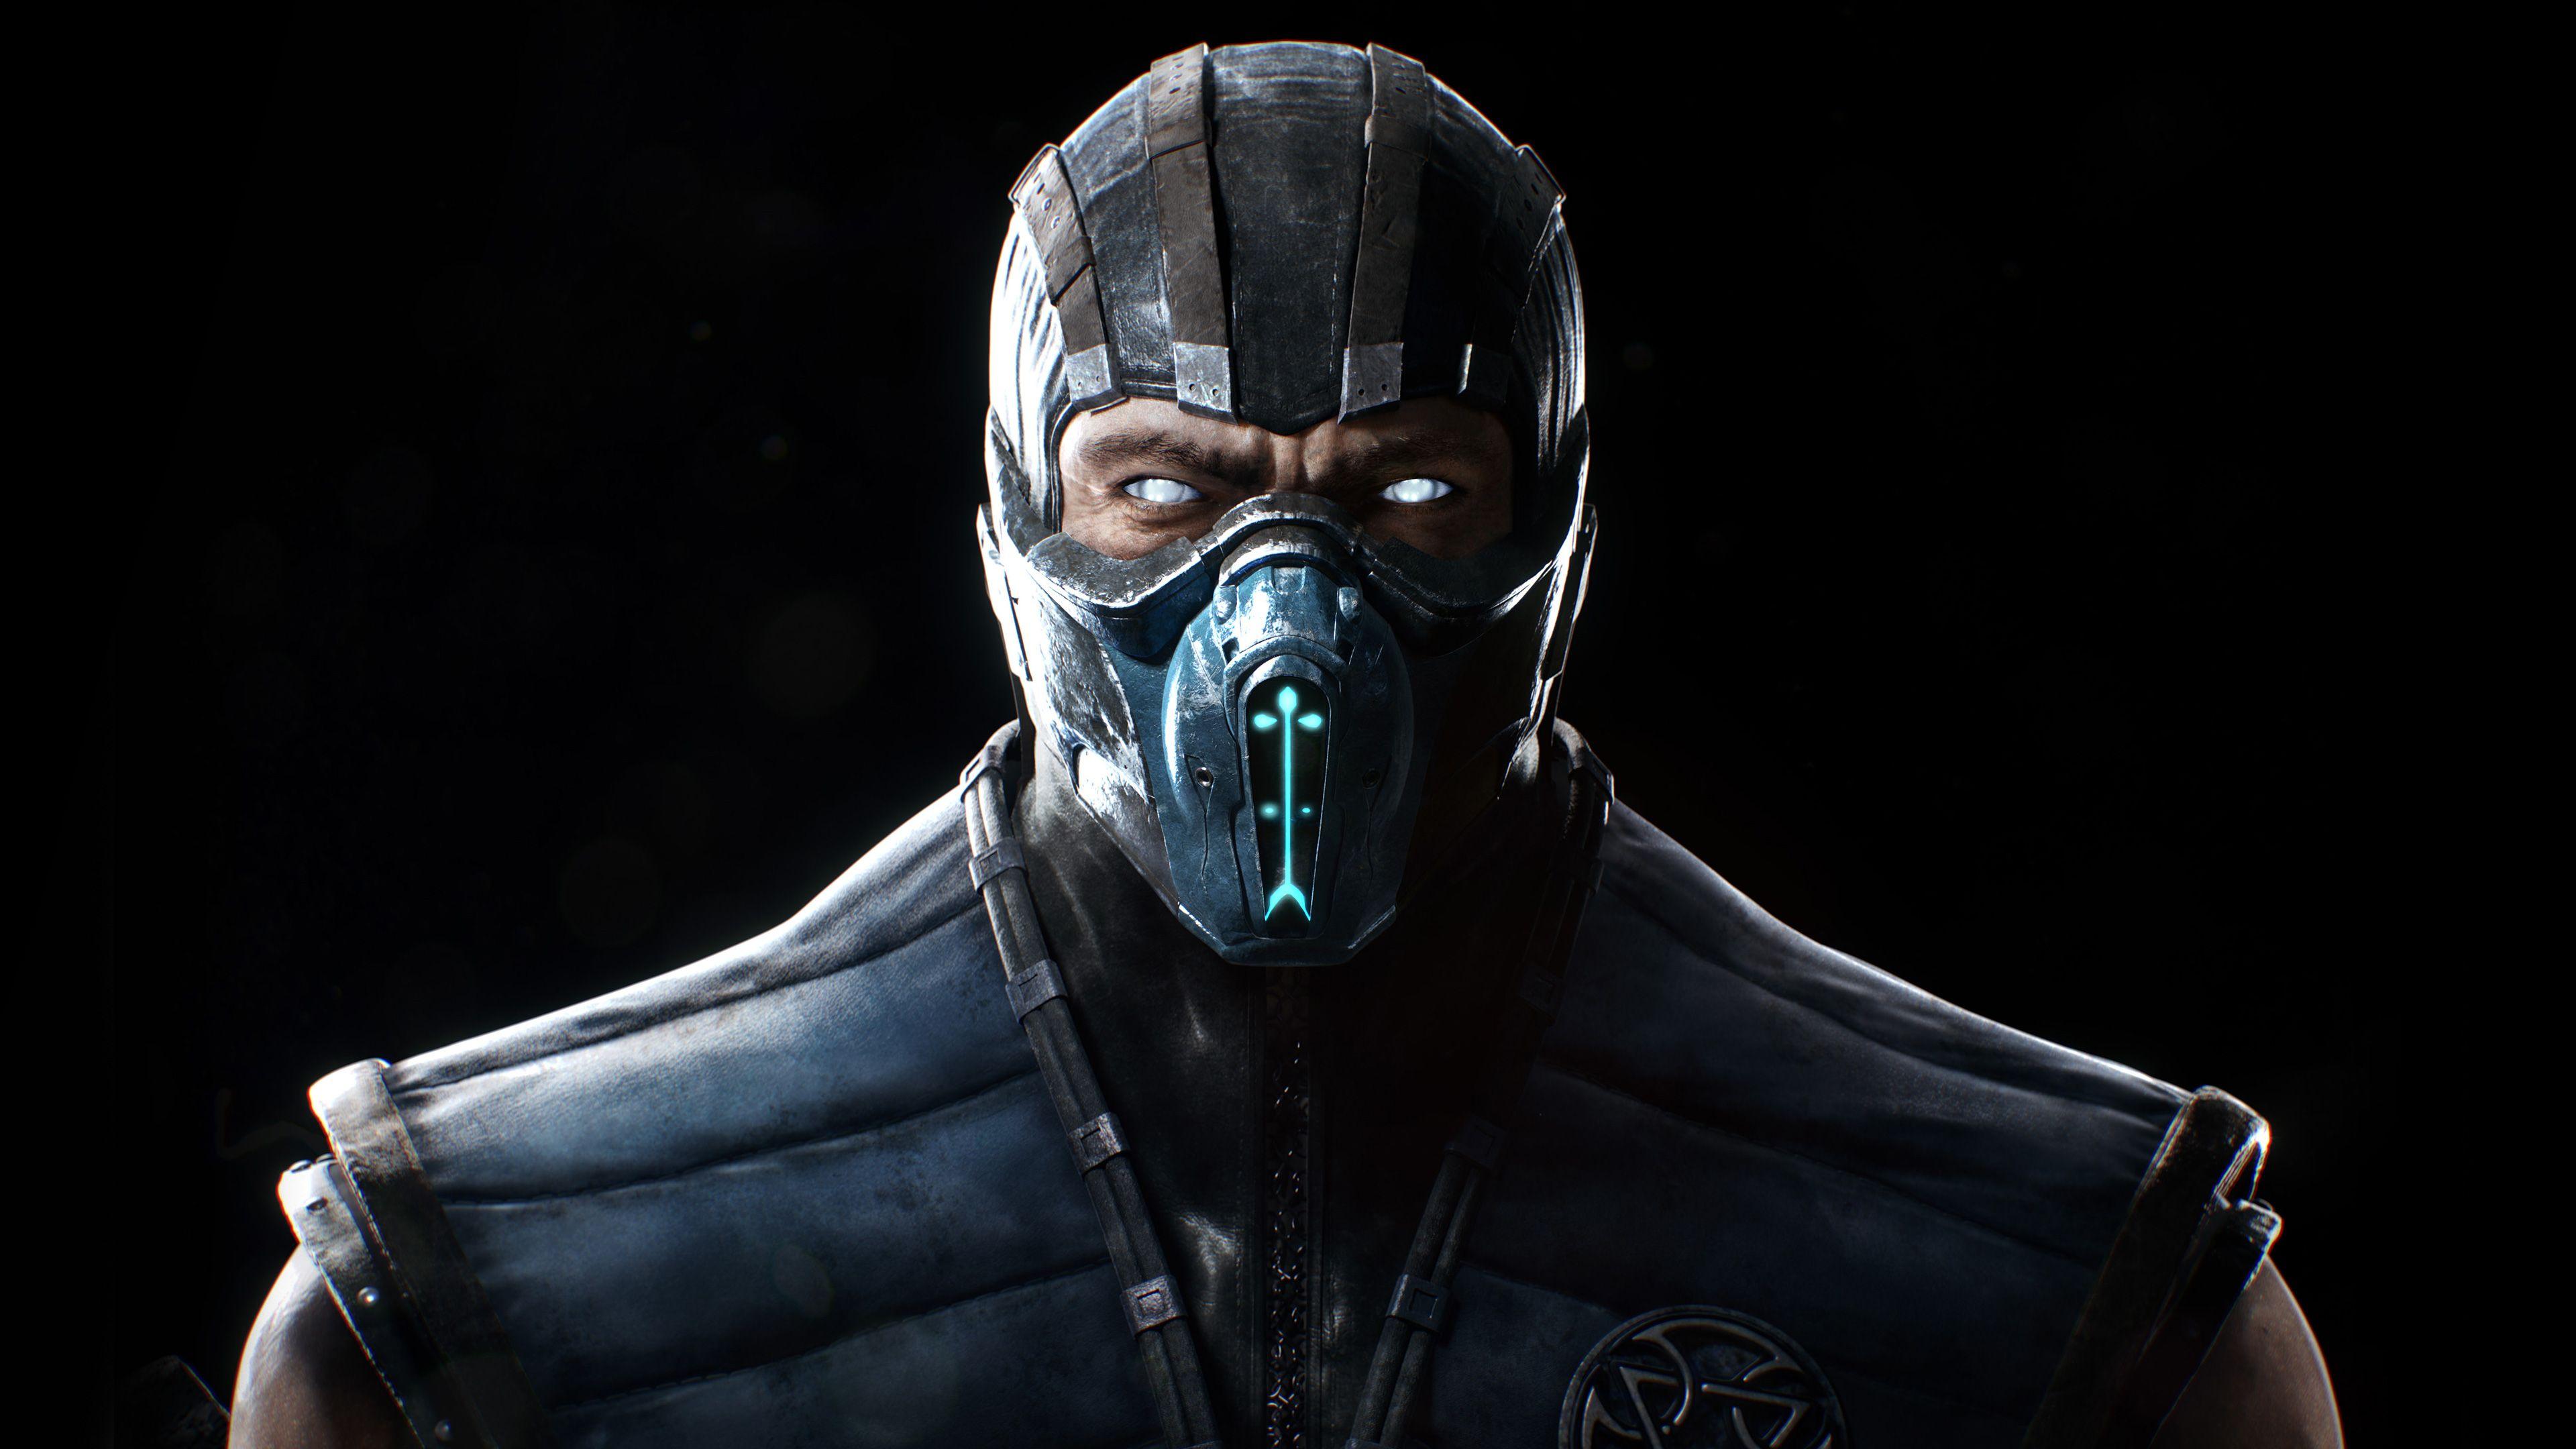 mortal kombat Mortal Kombat X Sub Zero Wallpapers HD